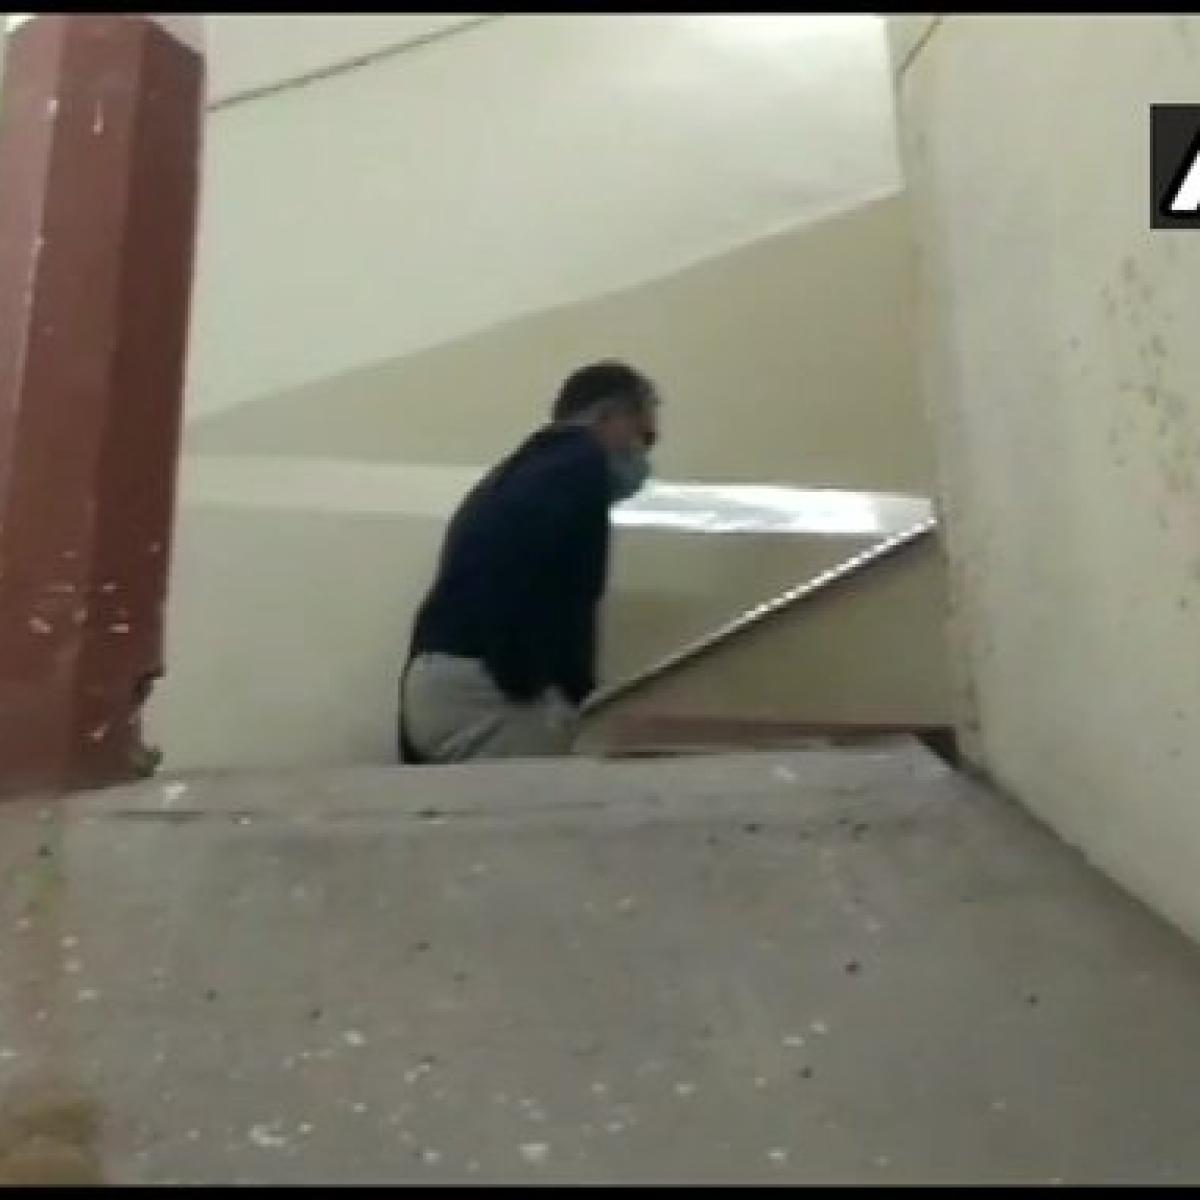 SSR drug case: 2 drug peddlers arrested by NCB Mumbai